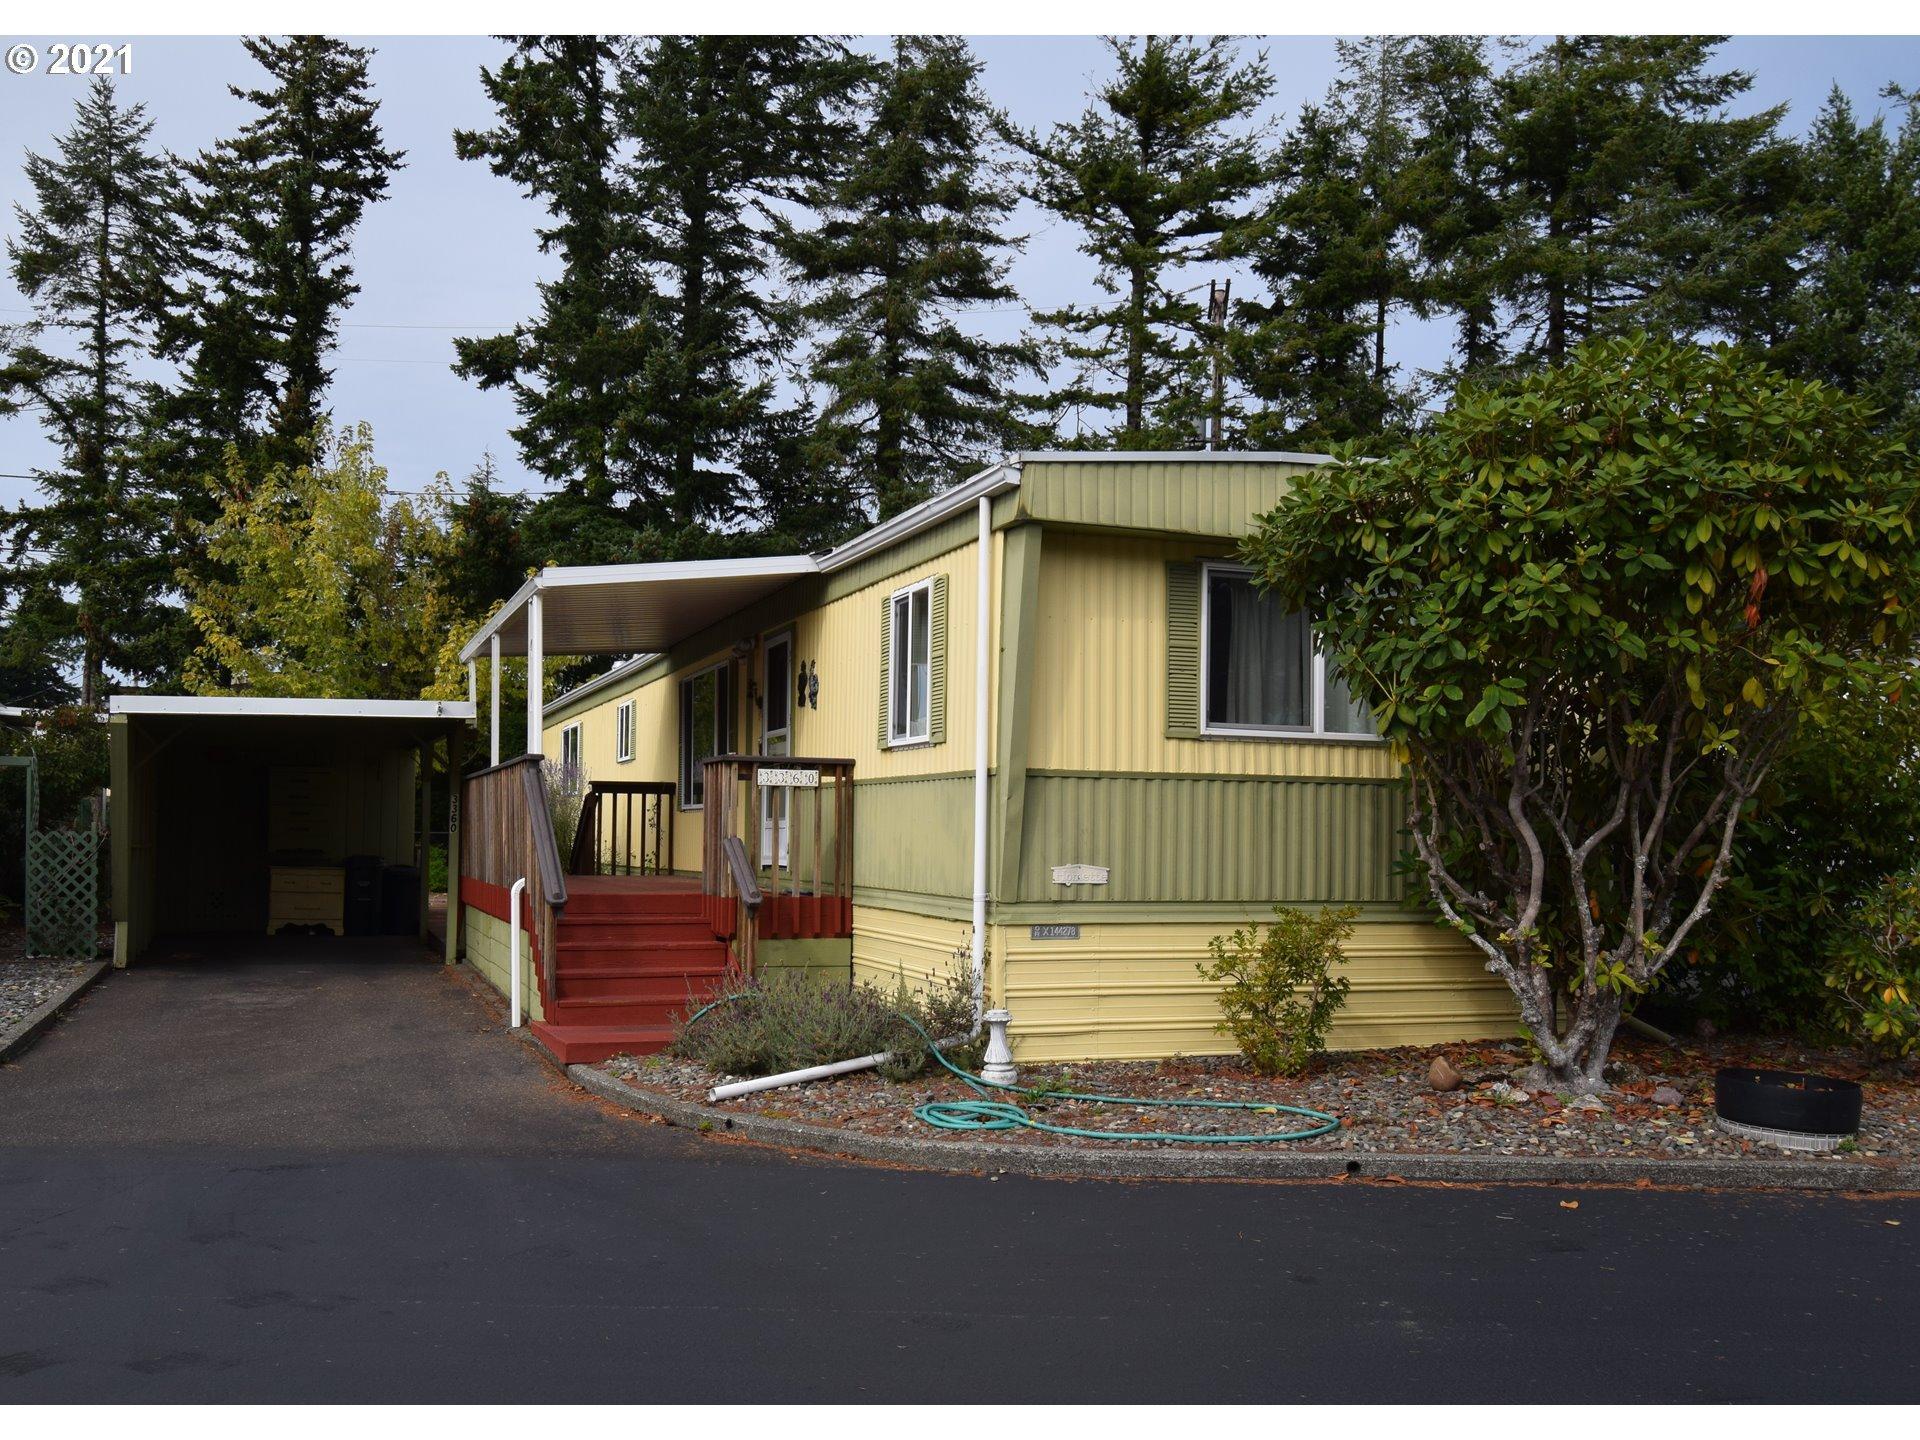 Property Image for 3360 Sandpiper Dr